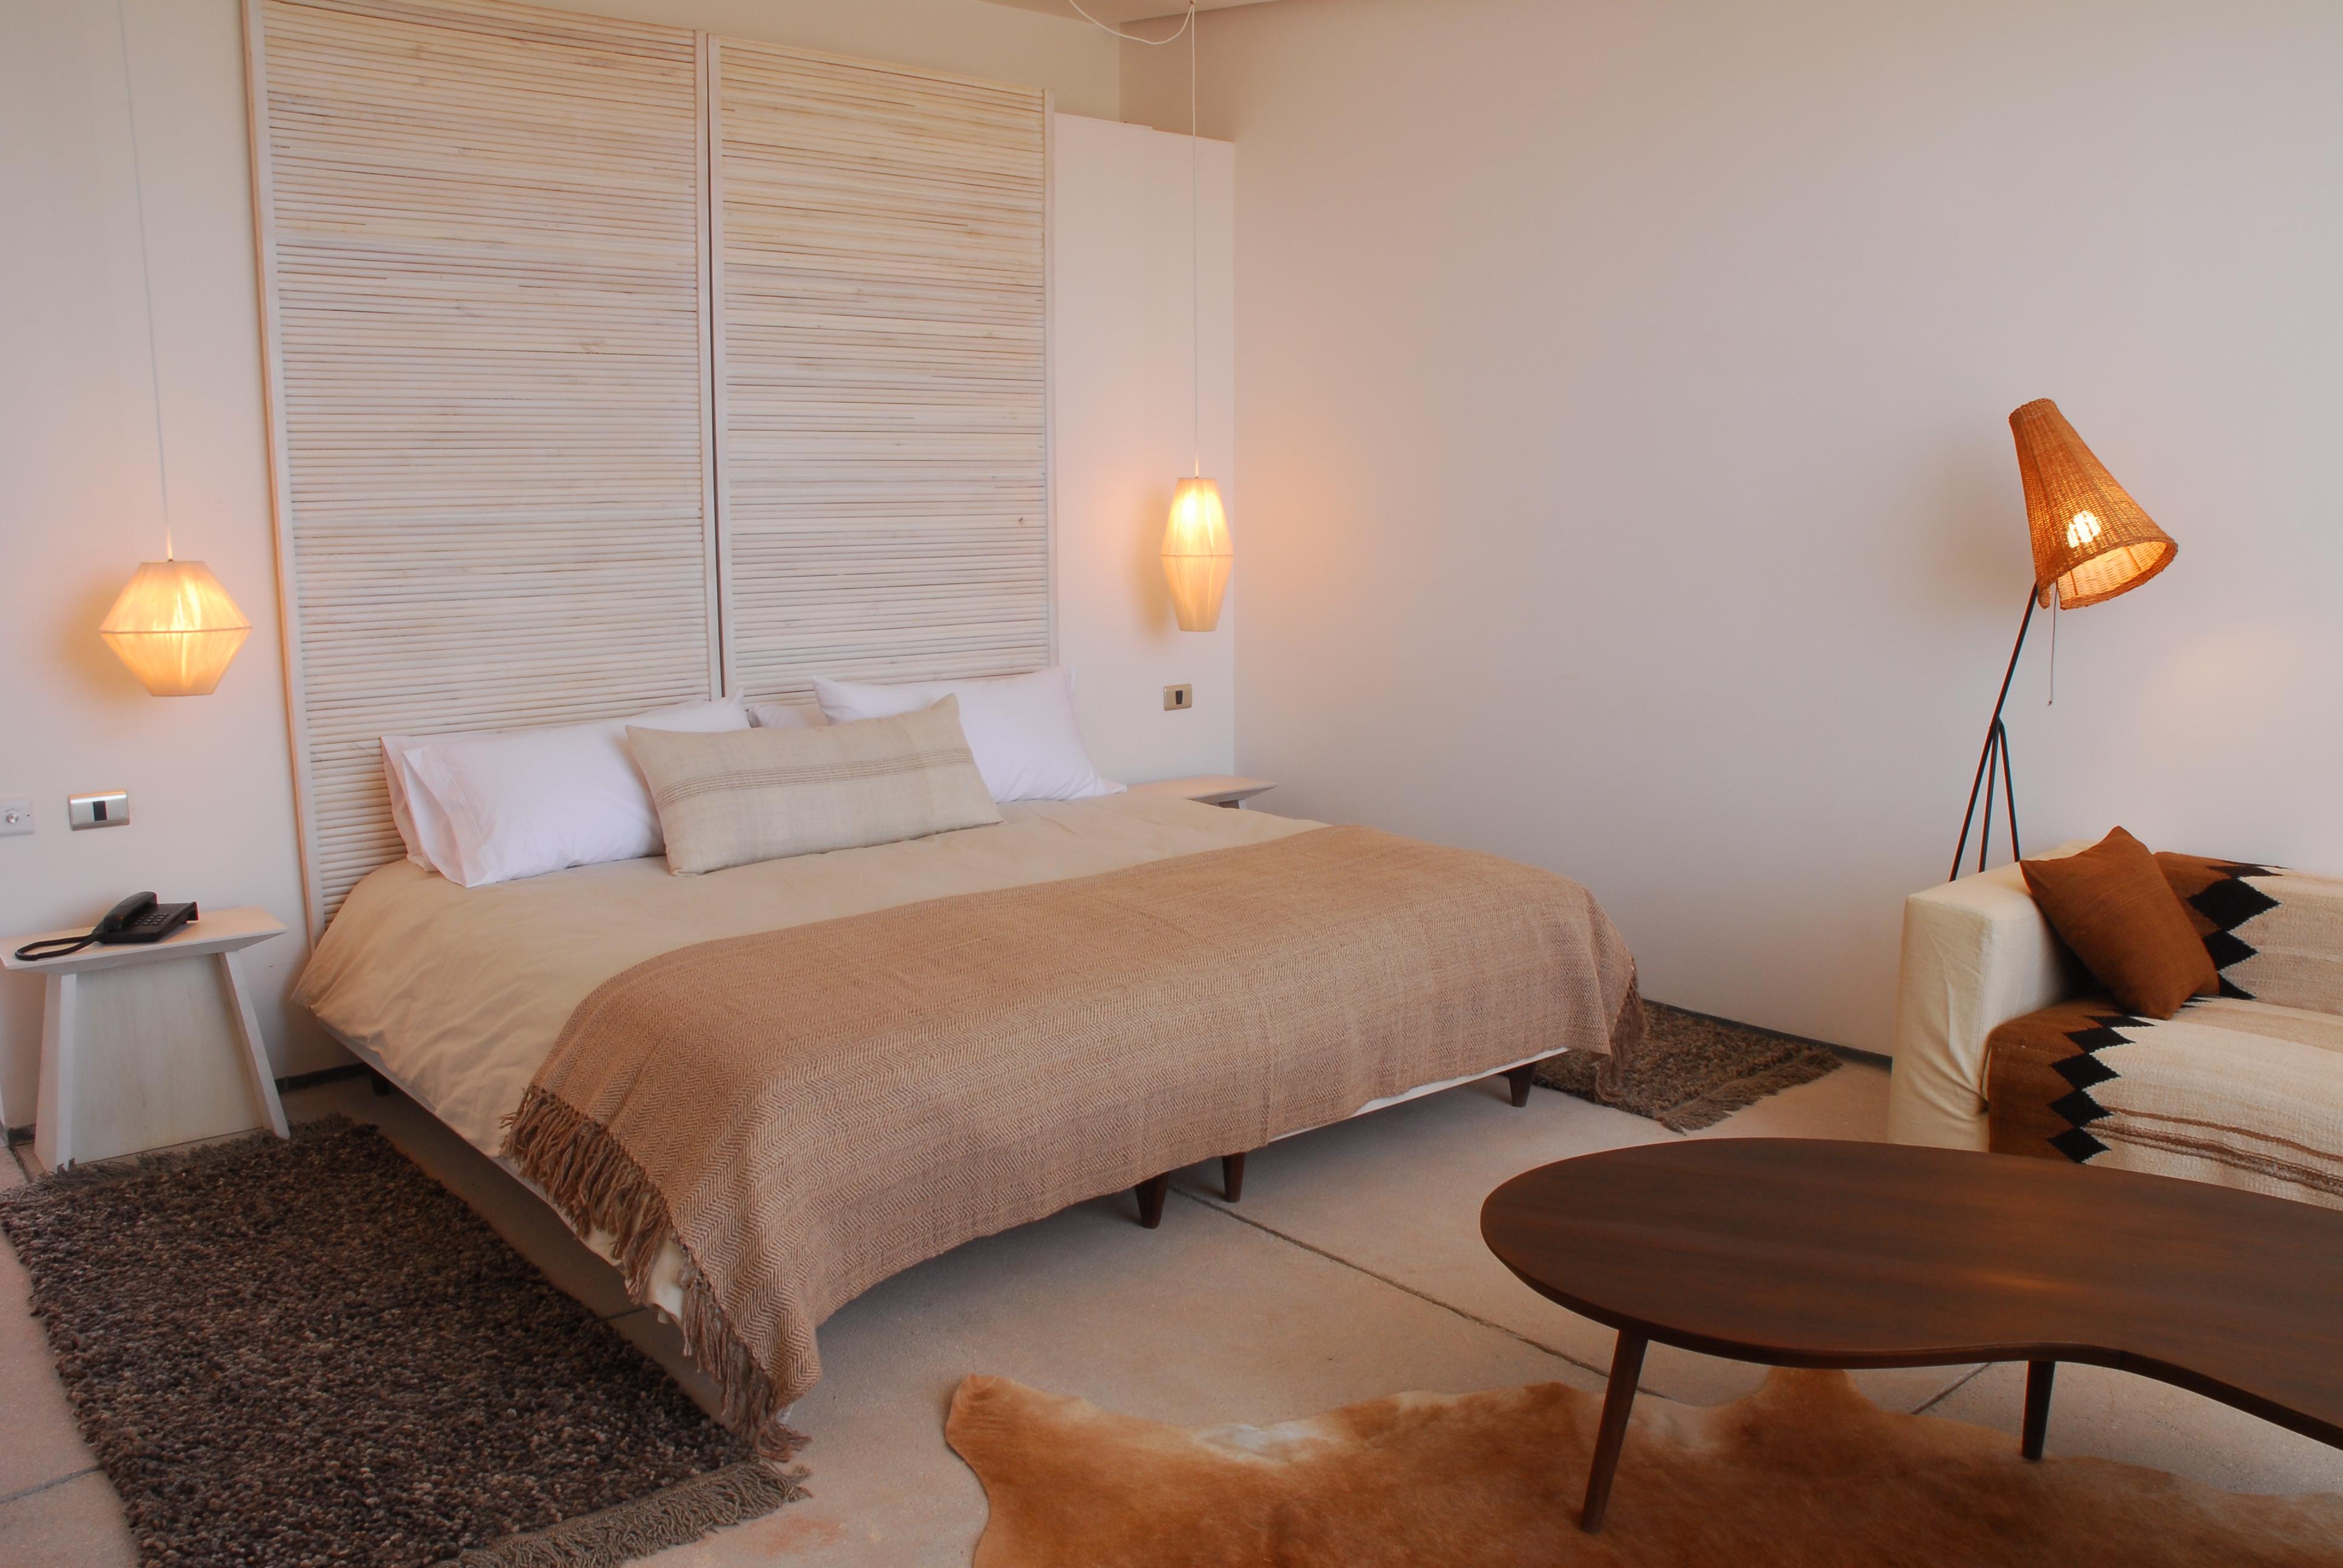 Casa Freud Rooms Habitaciones Habitacion Standard con A/C Habitacion ...